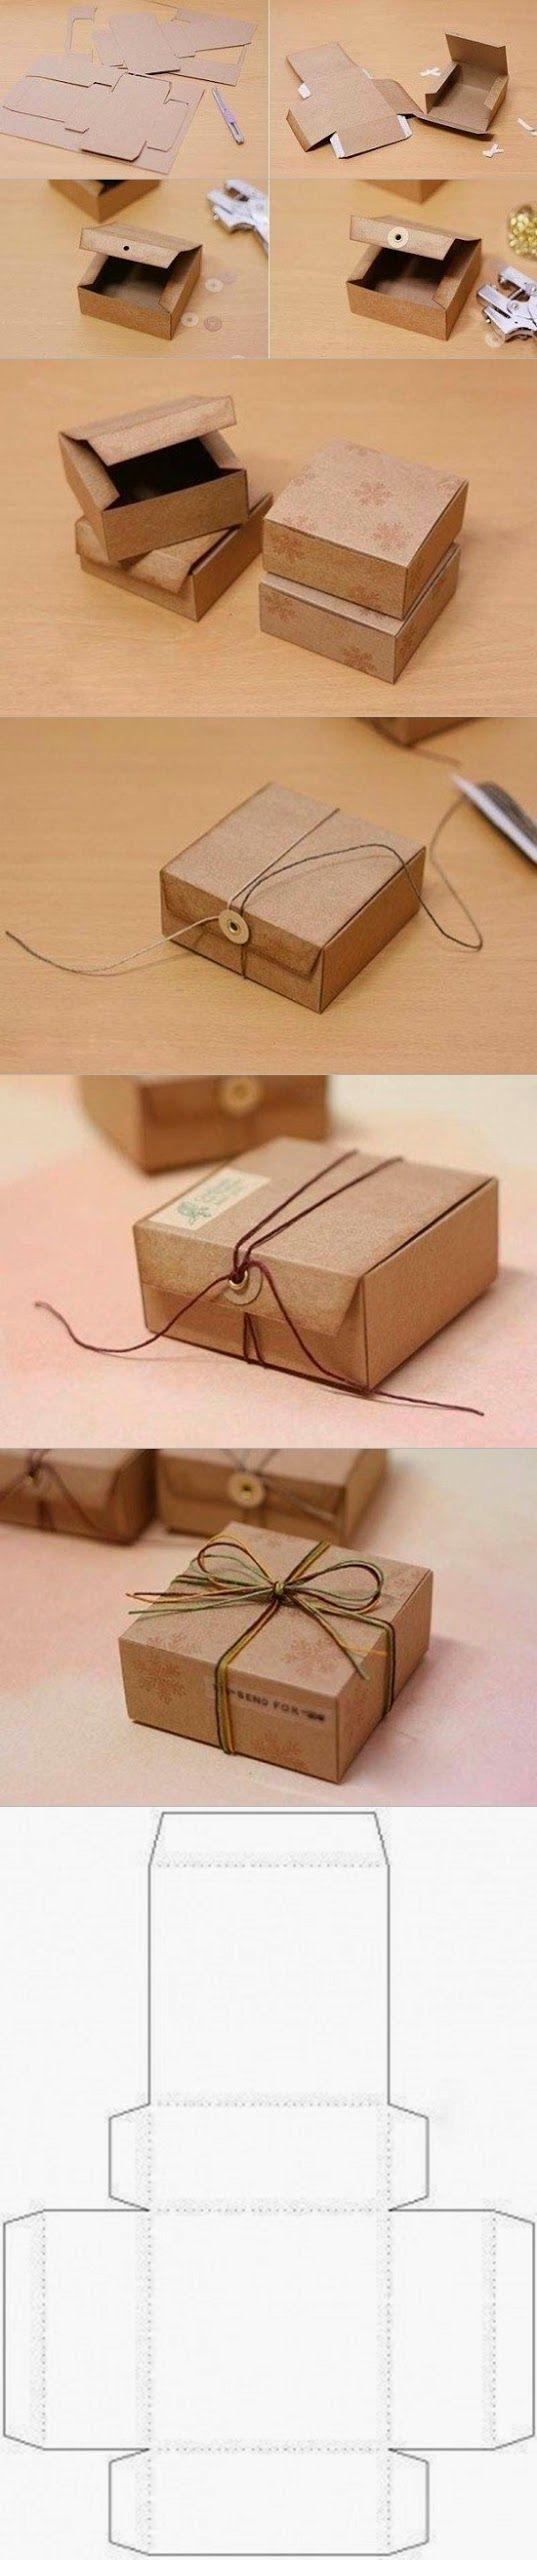 10 ideas para envolver tus regalos                              …